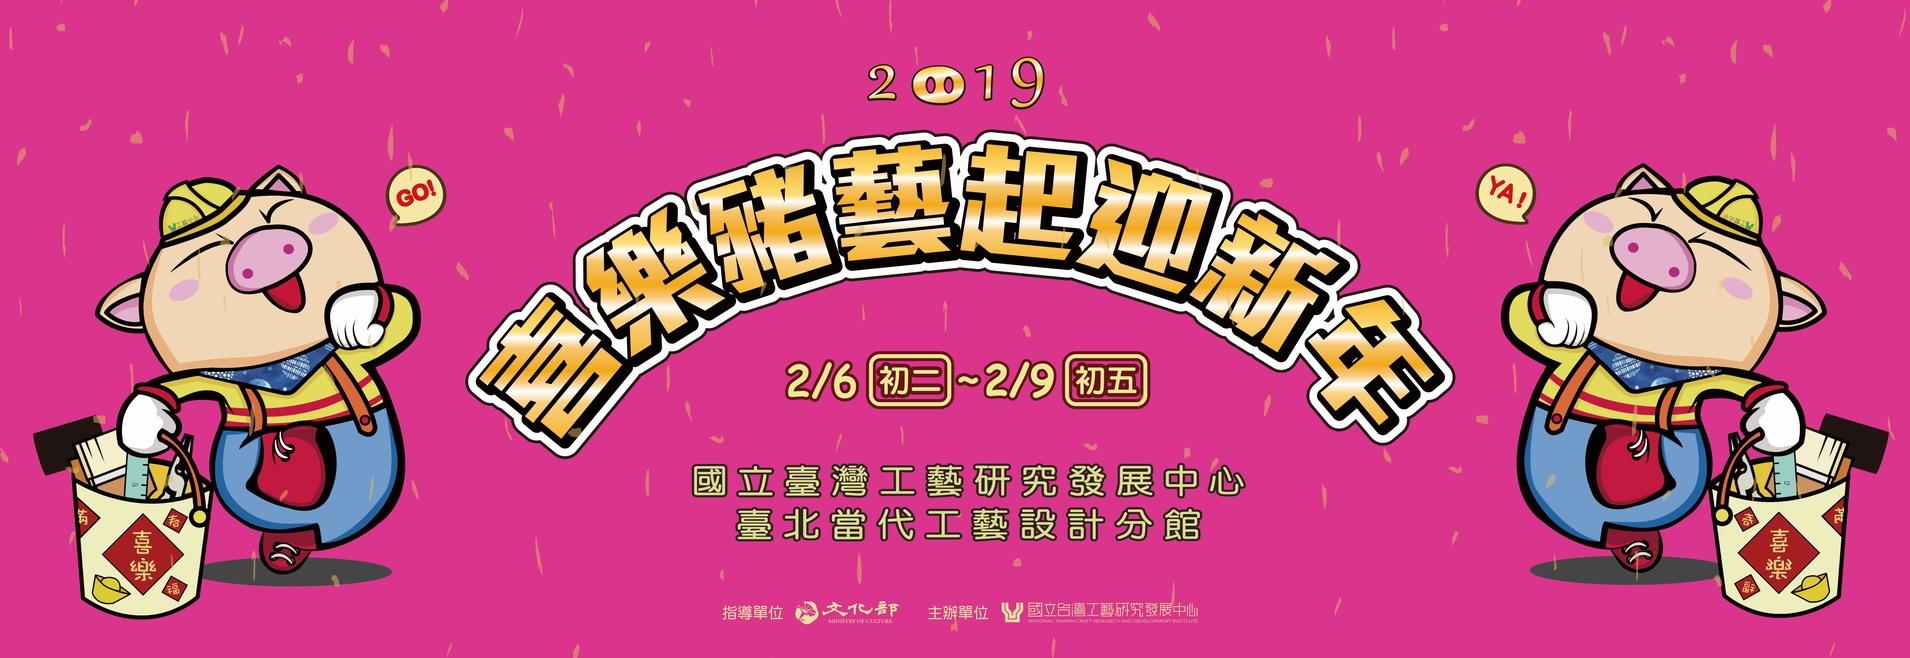 2019喜樂豬藝起迎新年[另開新視窗]